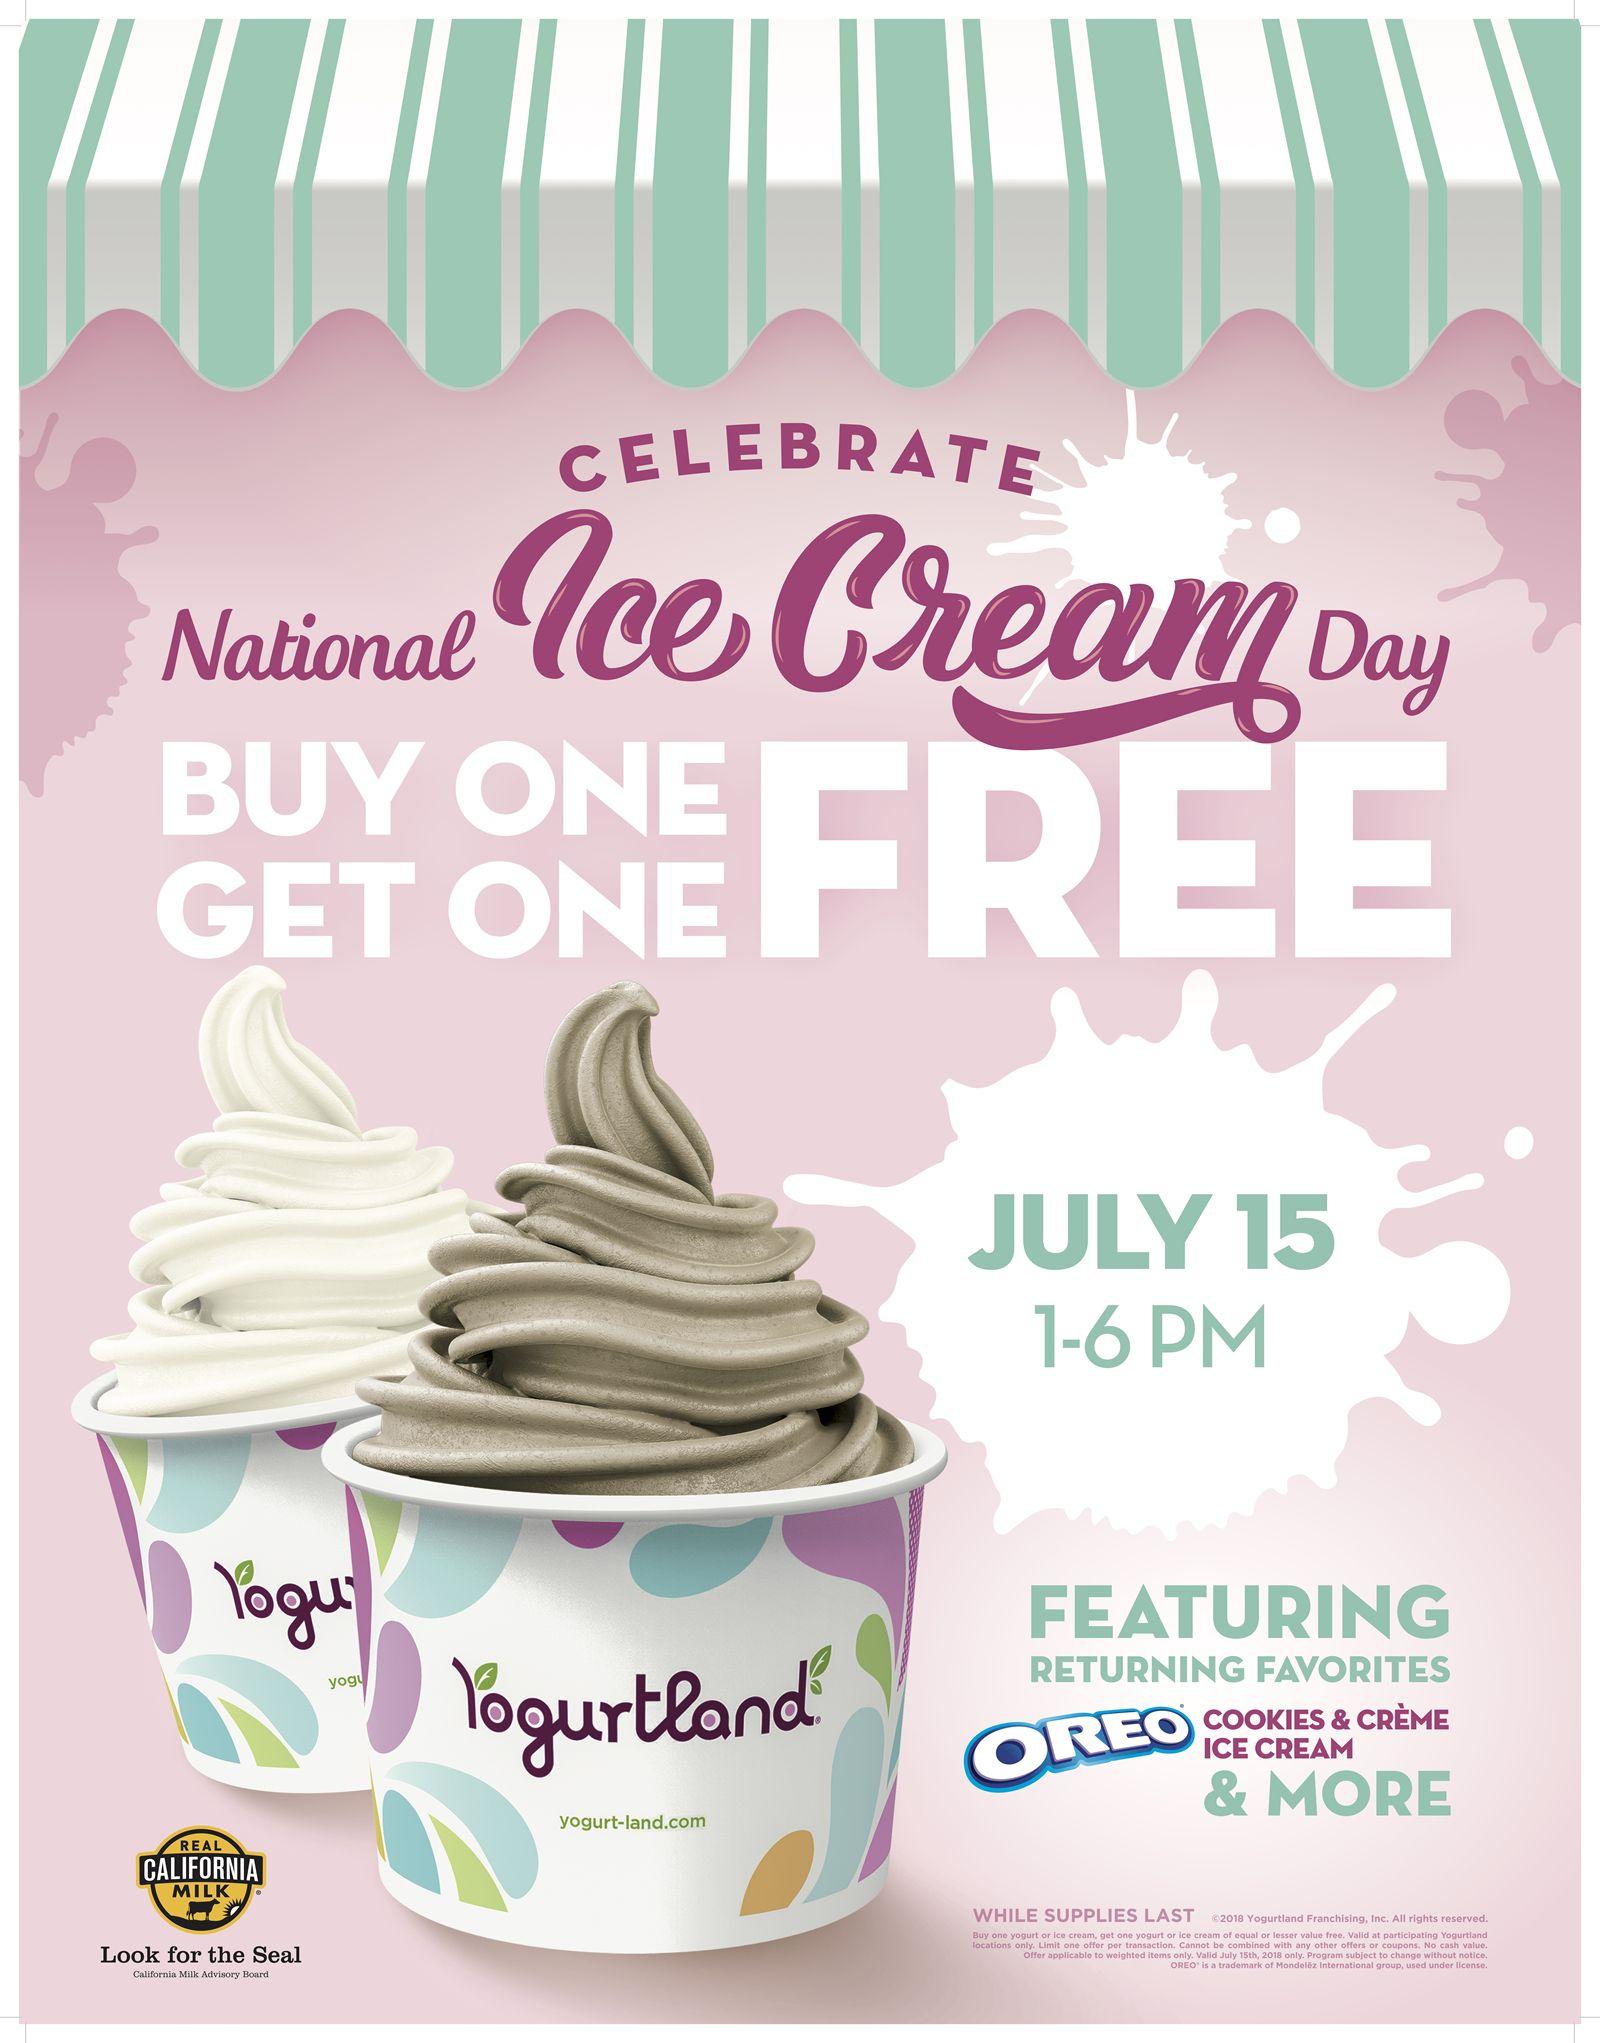 Yogurtland Celebrates National Ice Cream Day On July 15, 2018